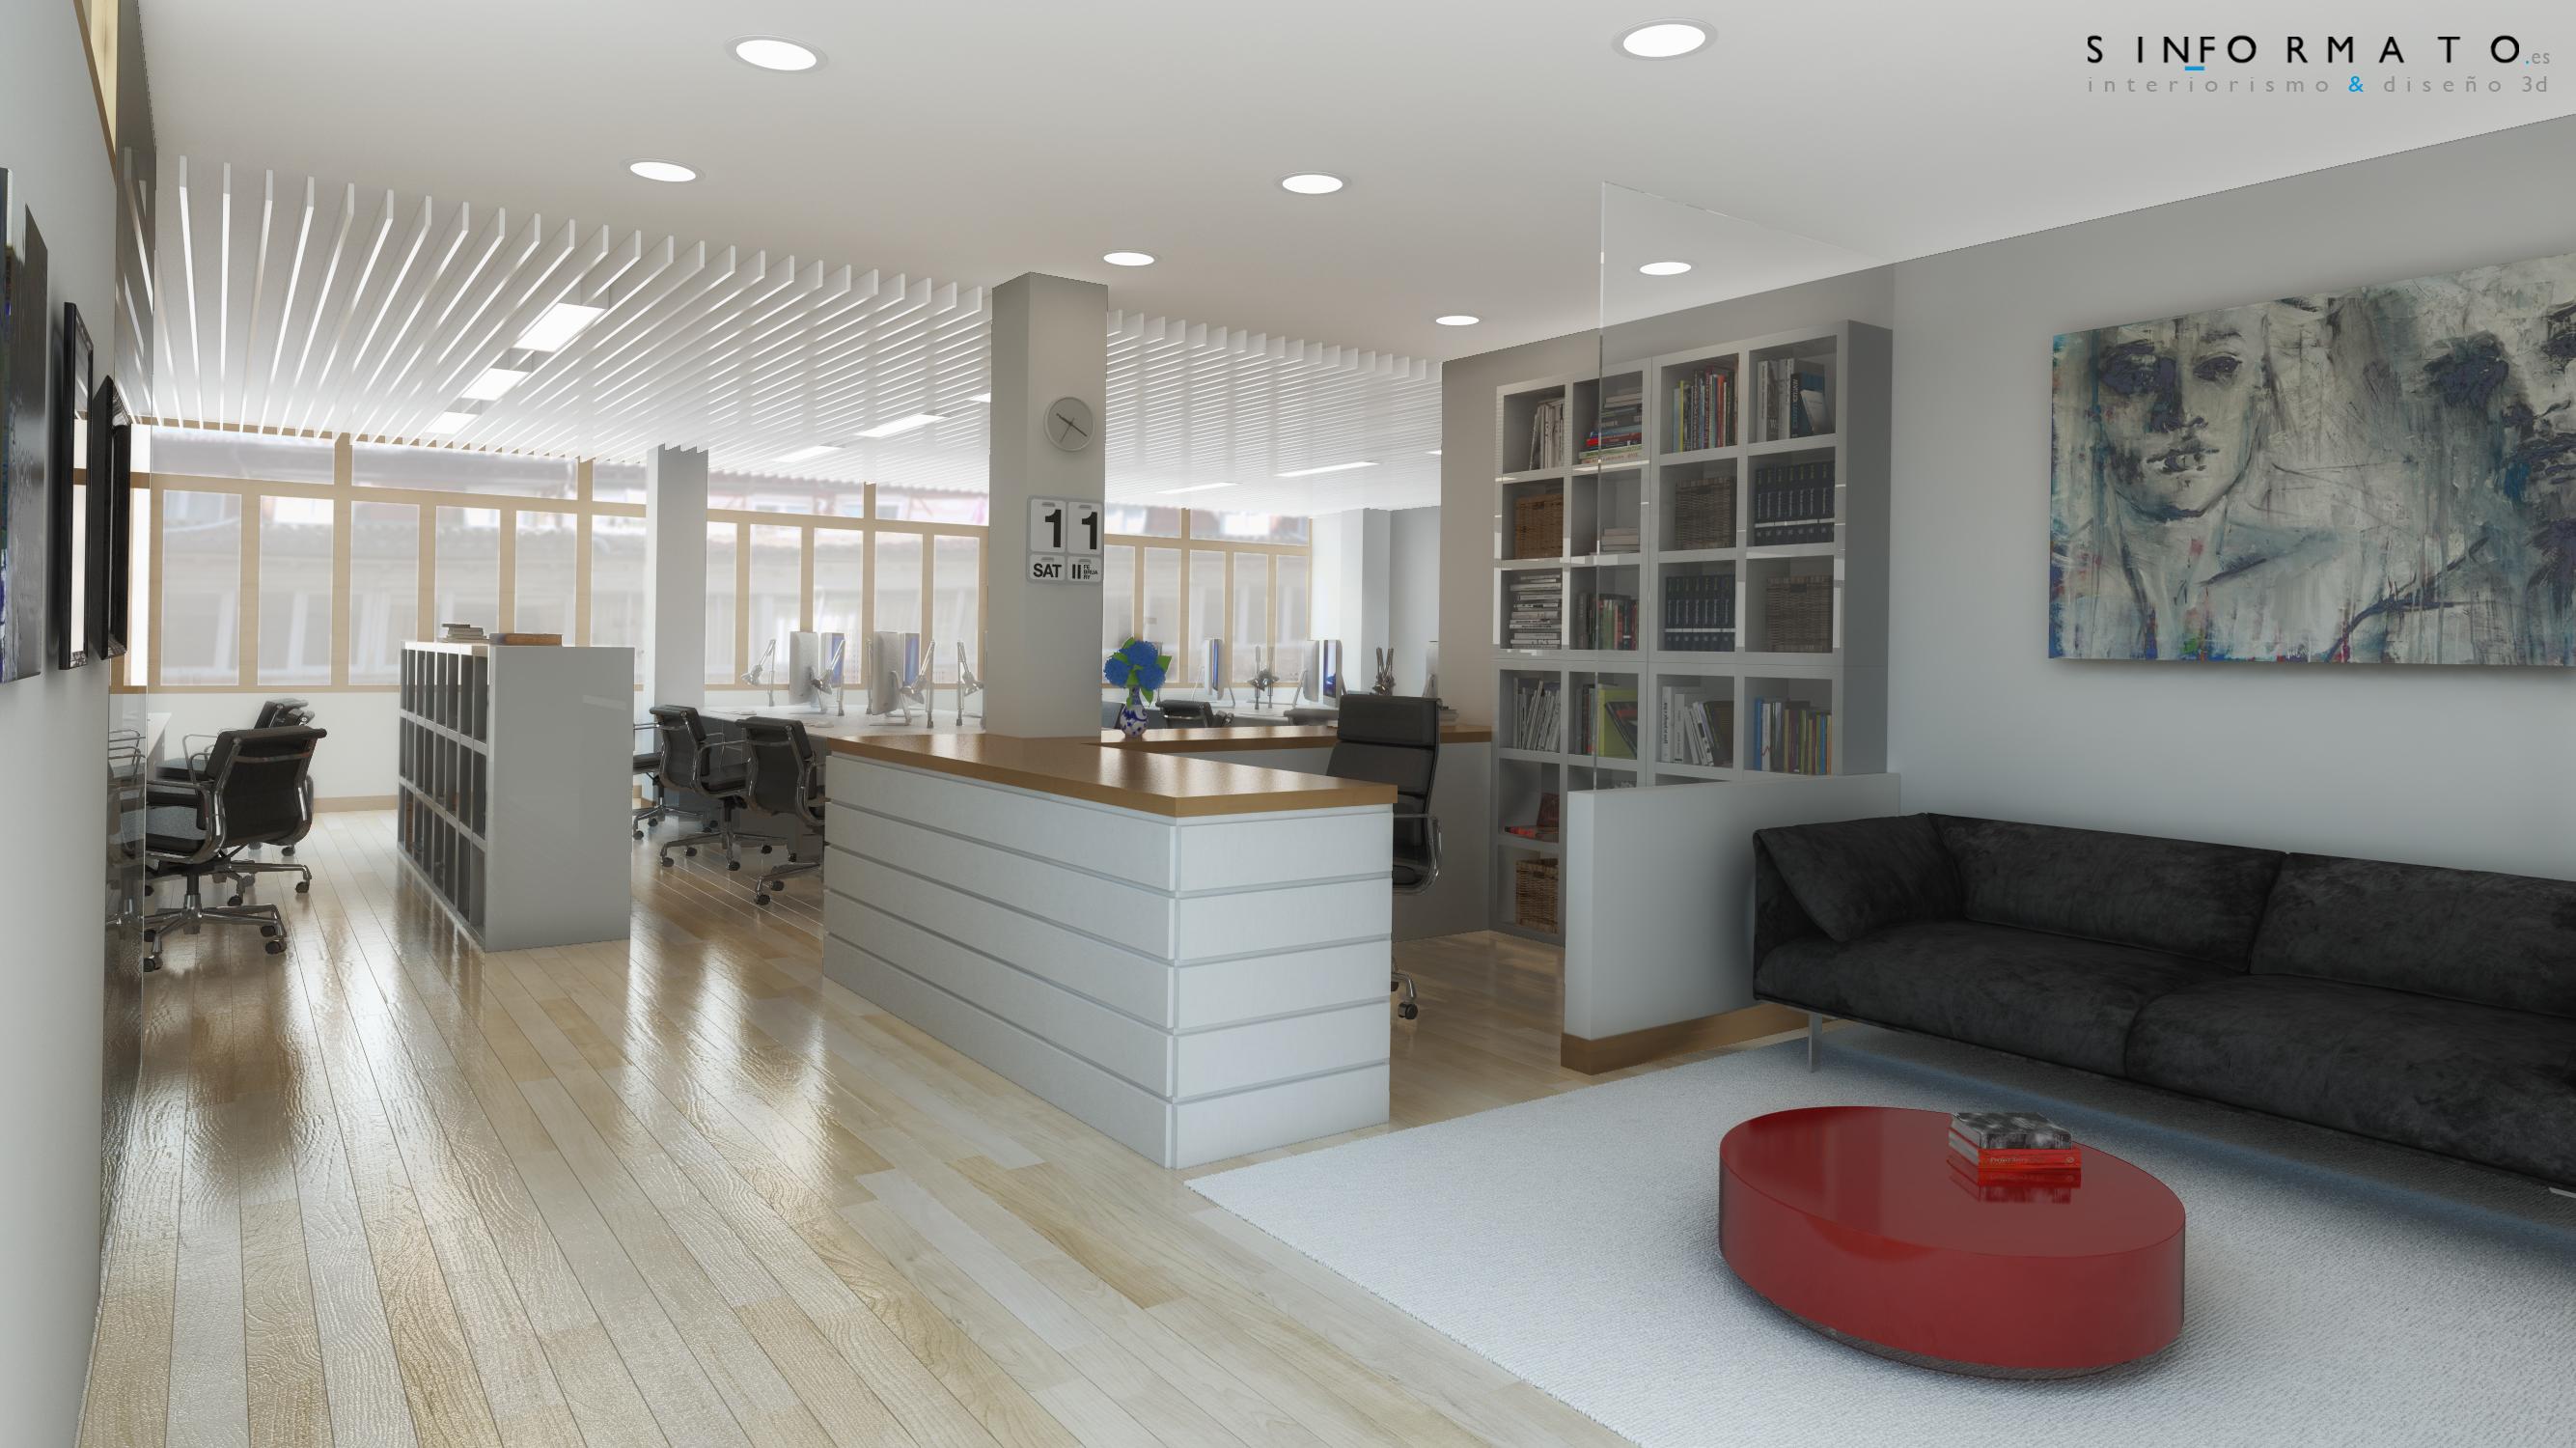 Interiorismo 3d oficinas edinco sin formato for Interiorismo oficinas